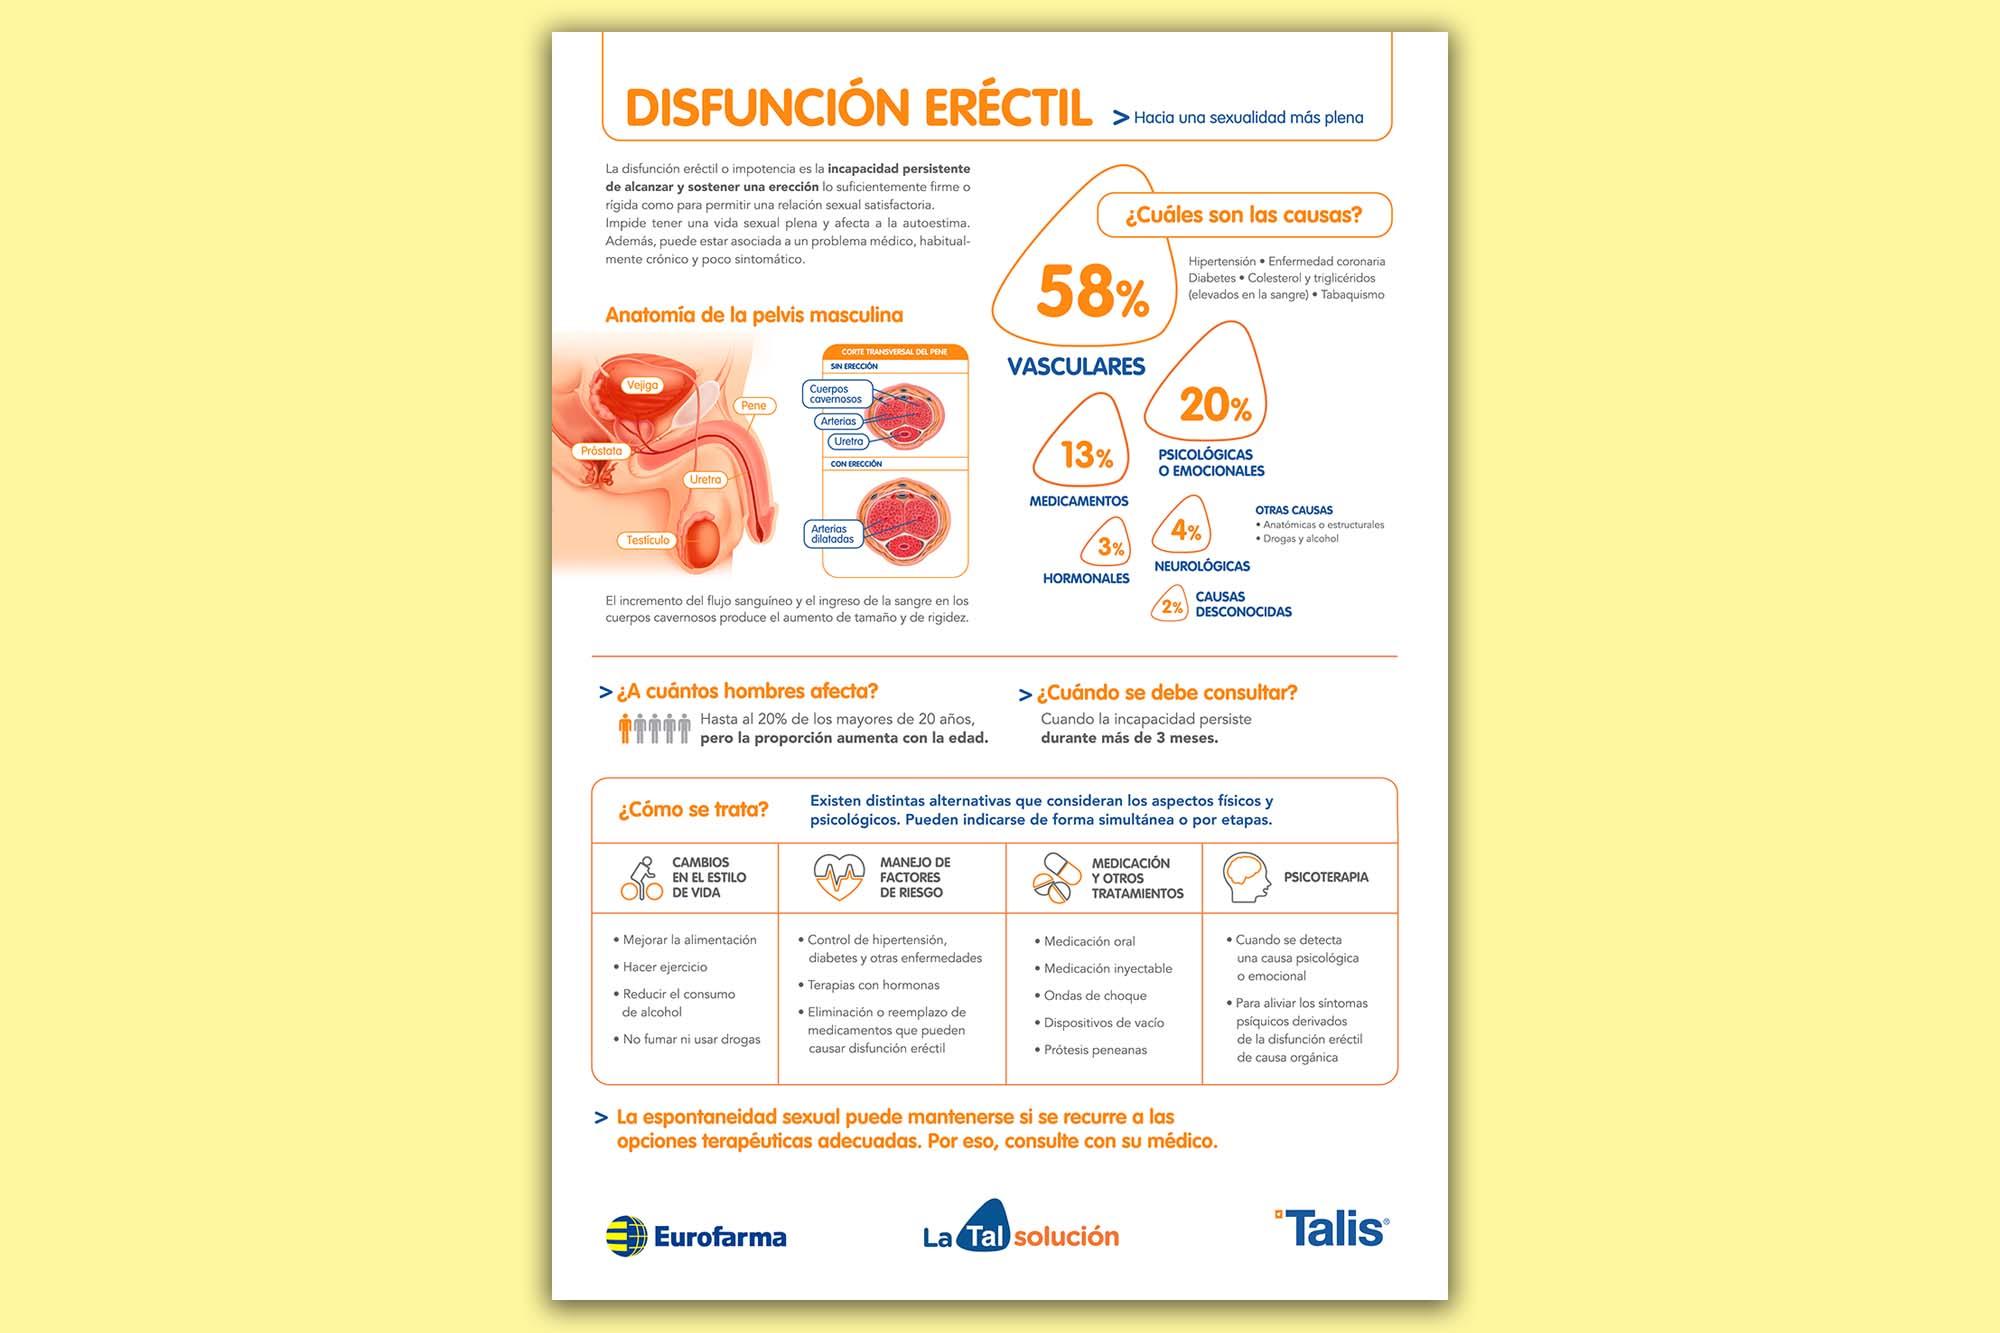 disfuncion-erectil-1